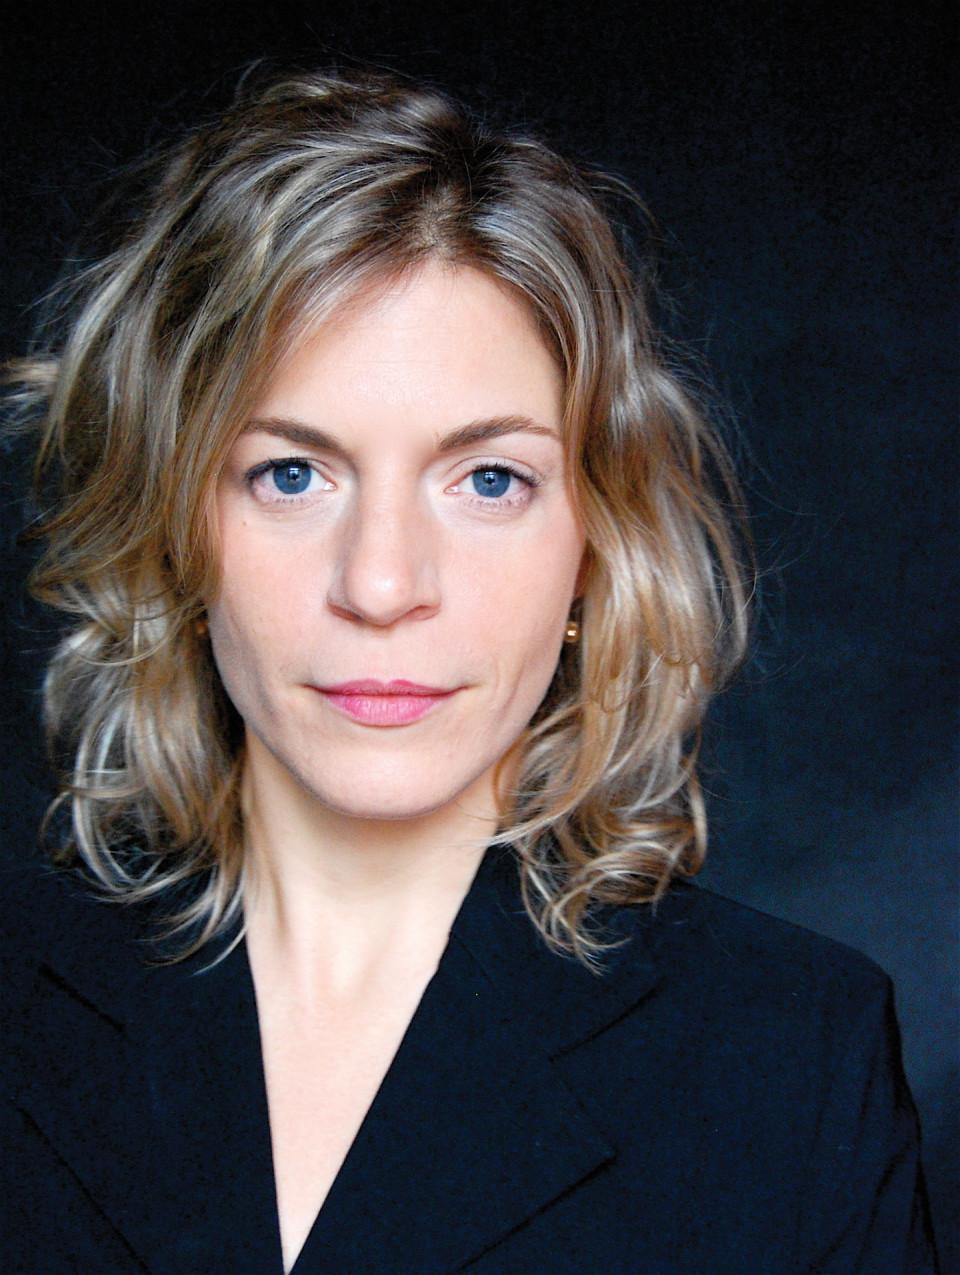 Marie-Annick Béliveau [Photograph: Stéphanie Béliveau, 2011]